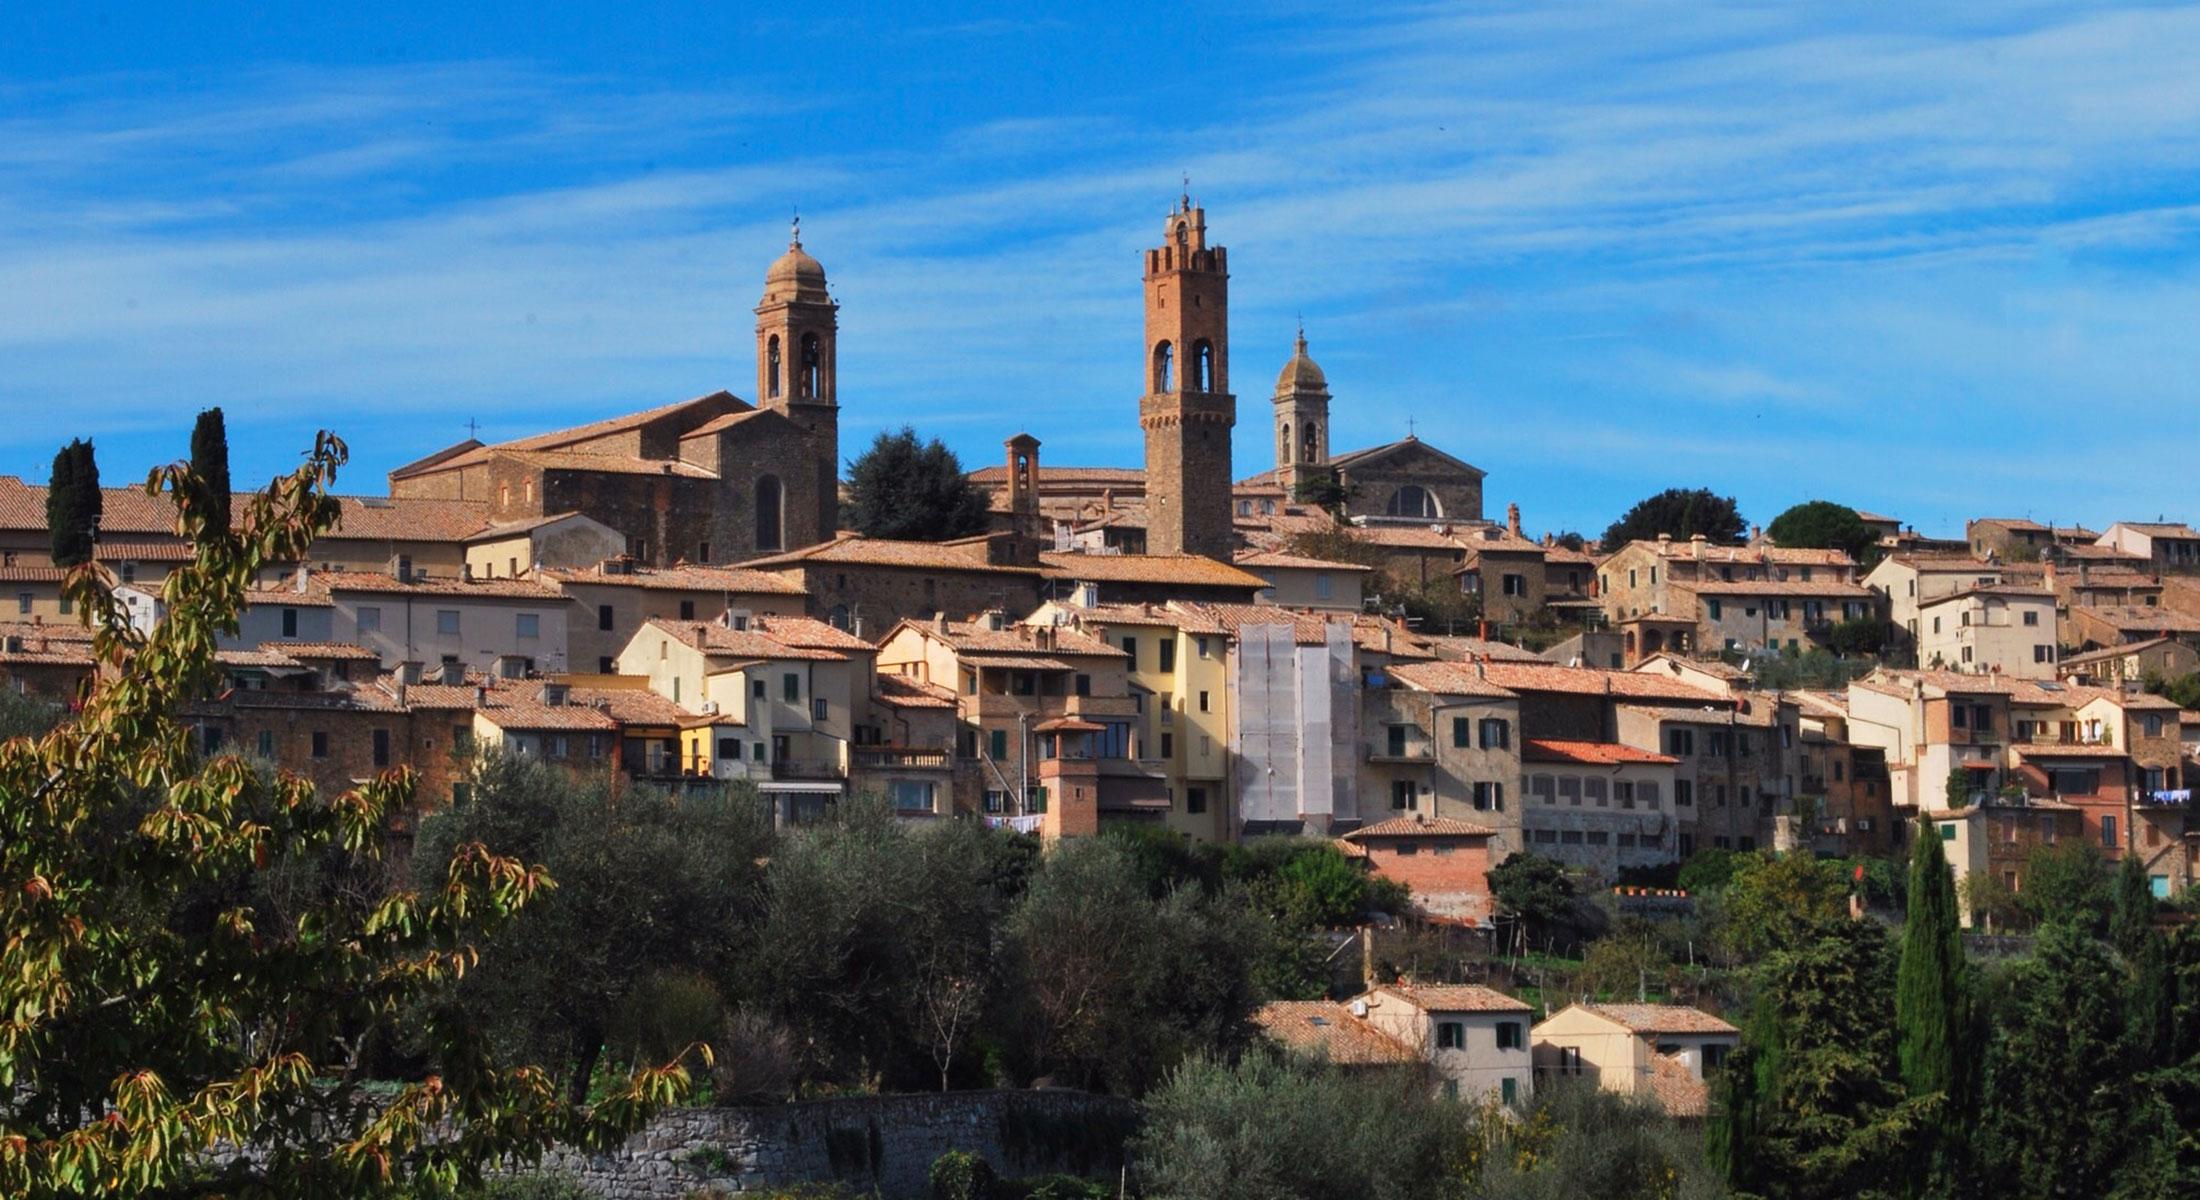 Montalcino hotel bagno vignoni hotel relais osteria dell 39 orcia vicino a siena in toscana - Osteria del leone bagno vignoni si ...